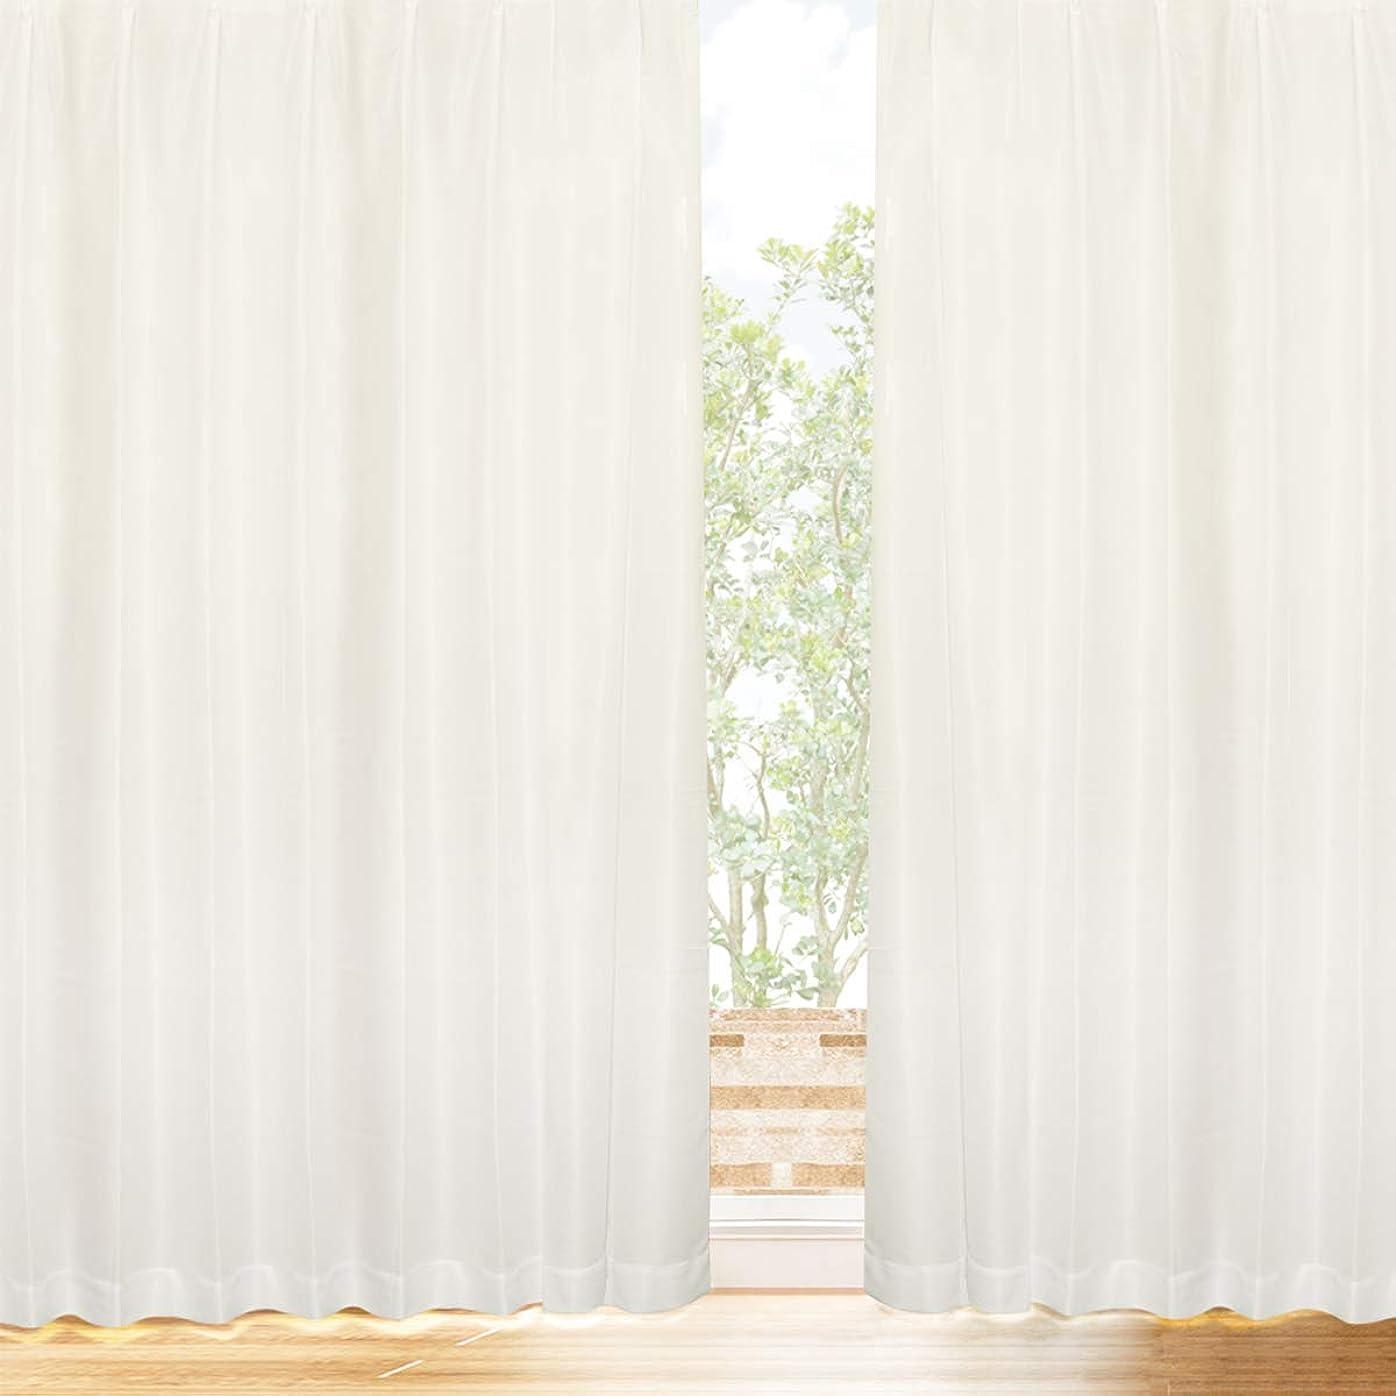 起きて出来事メトロポリタン[カーテンくれない] プライバシーミラーレース 【冬温夏涼】 サラクールとウェーブロン使用で夜も目隠し 遮熱効果 (31.7%断熱効果 約90% UVカット 遮像 昼夜目隠し 日本製 カーテン レース ミラー レースカーテン 遮熱 保冷) トウオンカリョウ 色:ナチュラル サイズ:(幅)100×(丈)188cm×2枚組 / Aフック